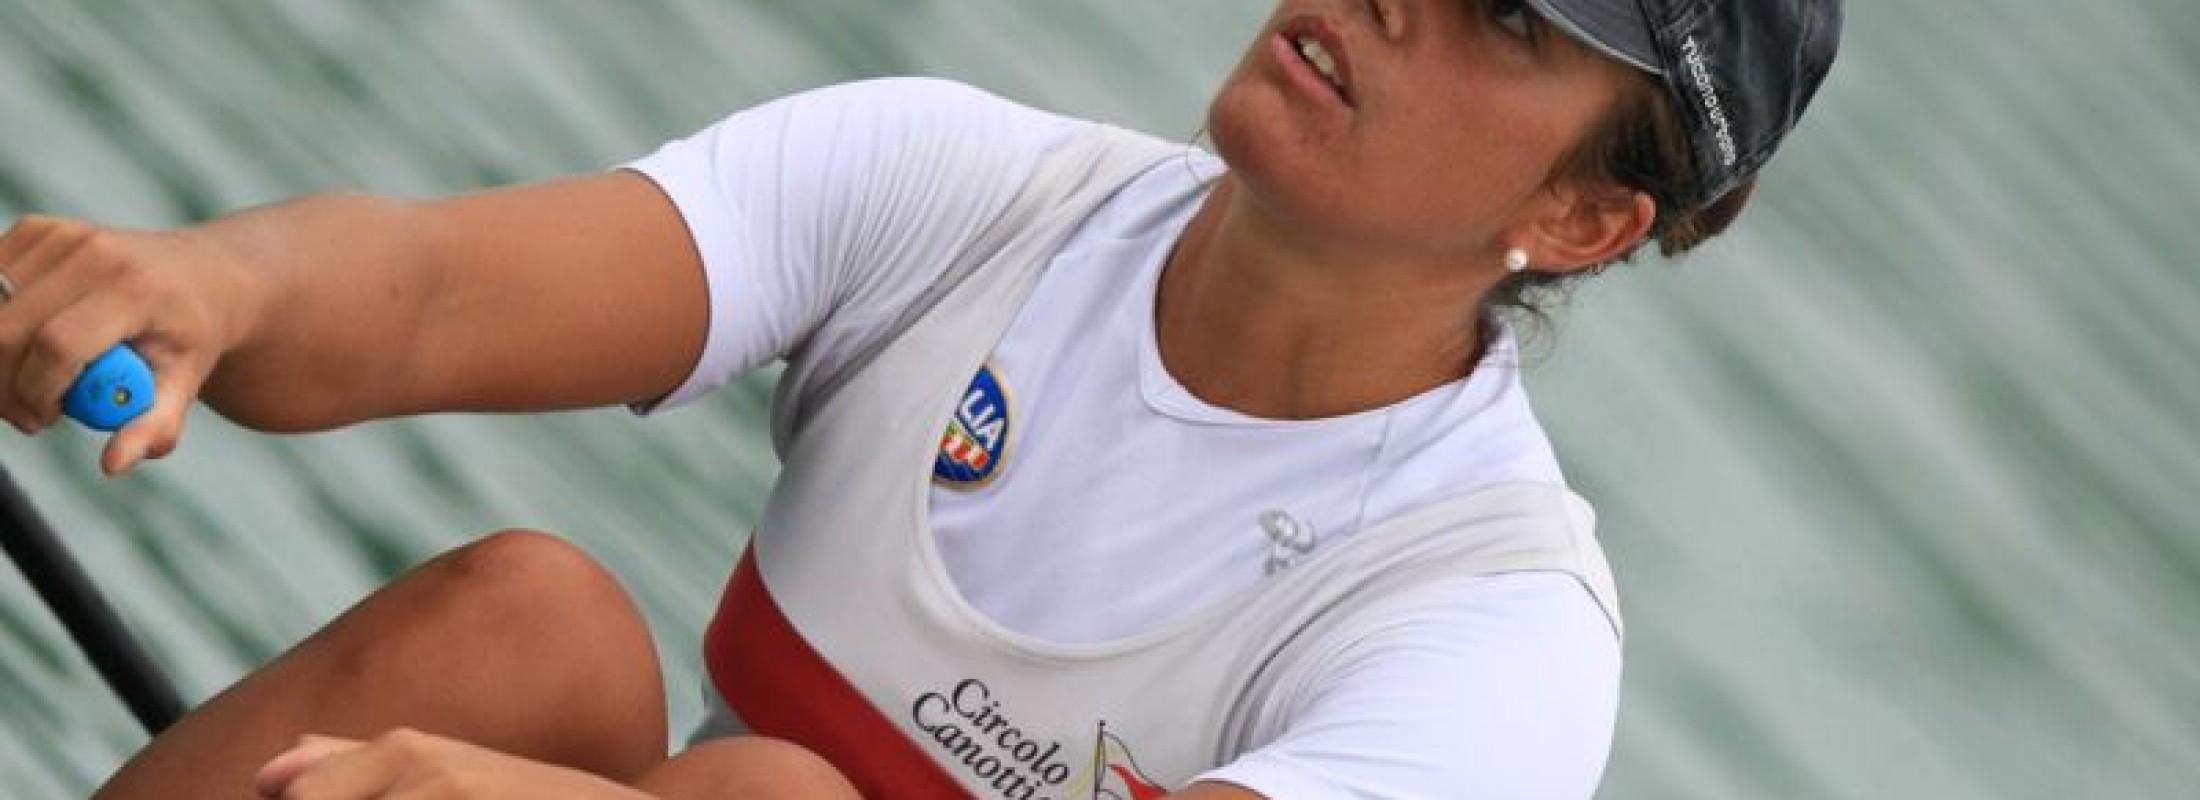 Medaglia di bronzo per Laura Schiavone nel campionato italiano assoluto